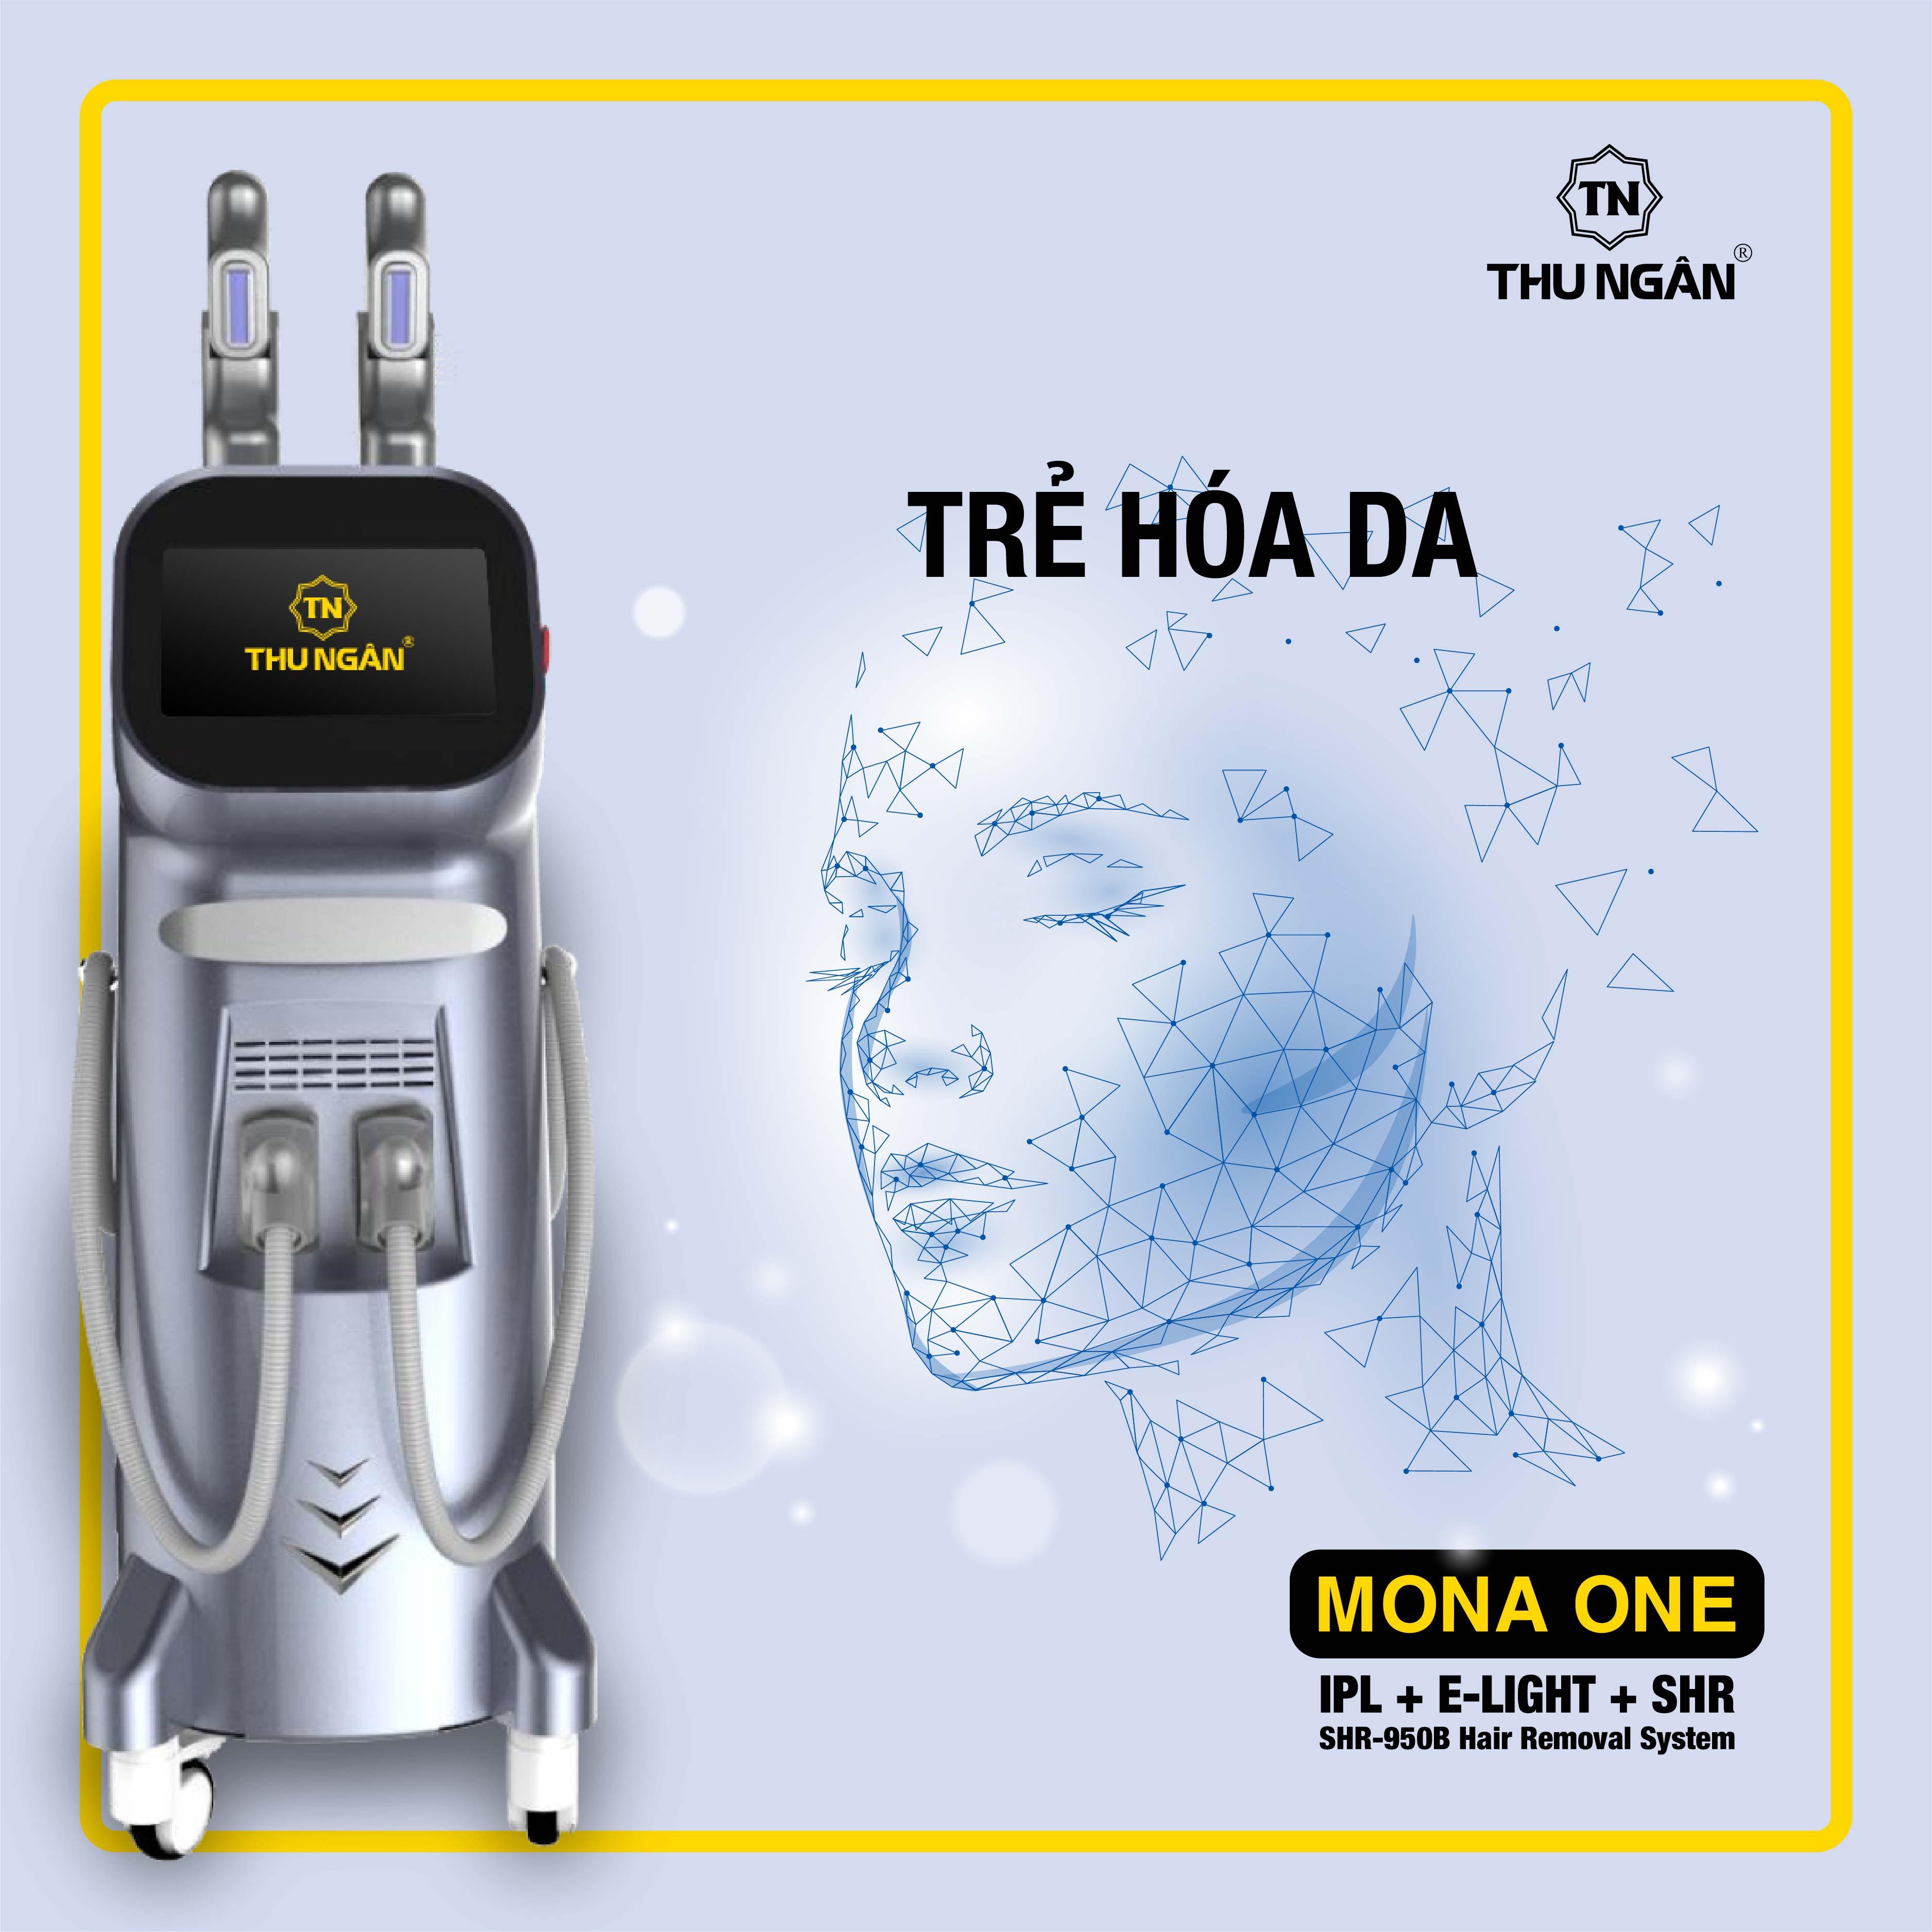 mona one new 03